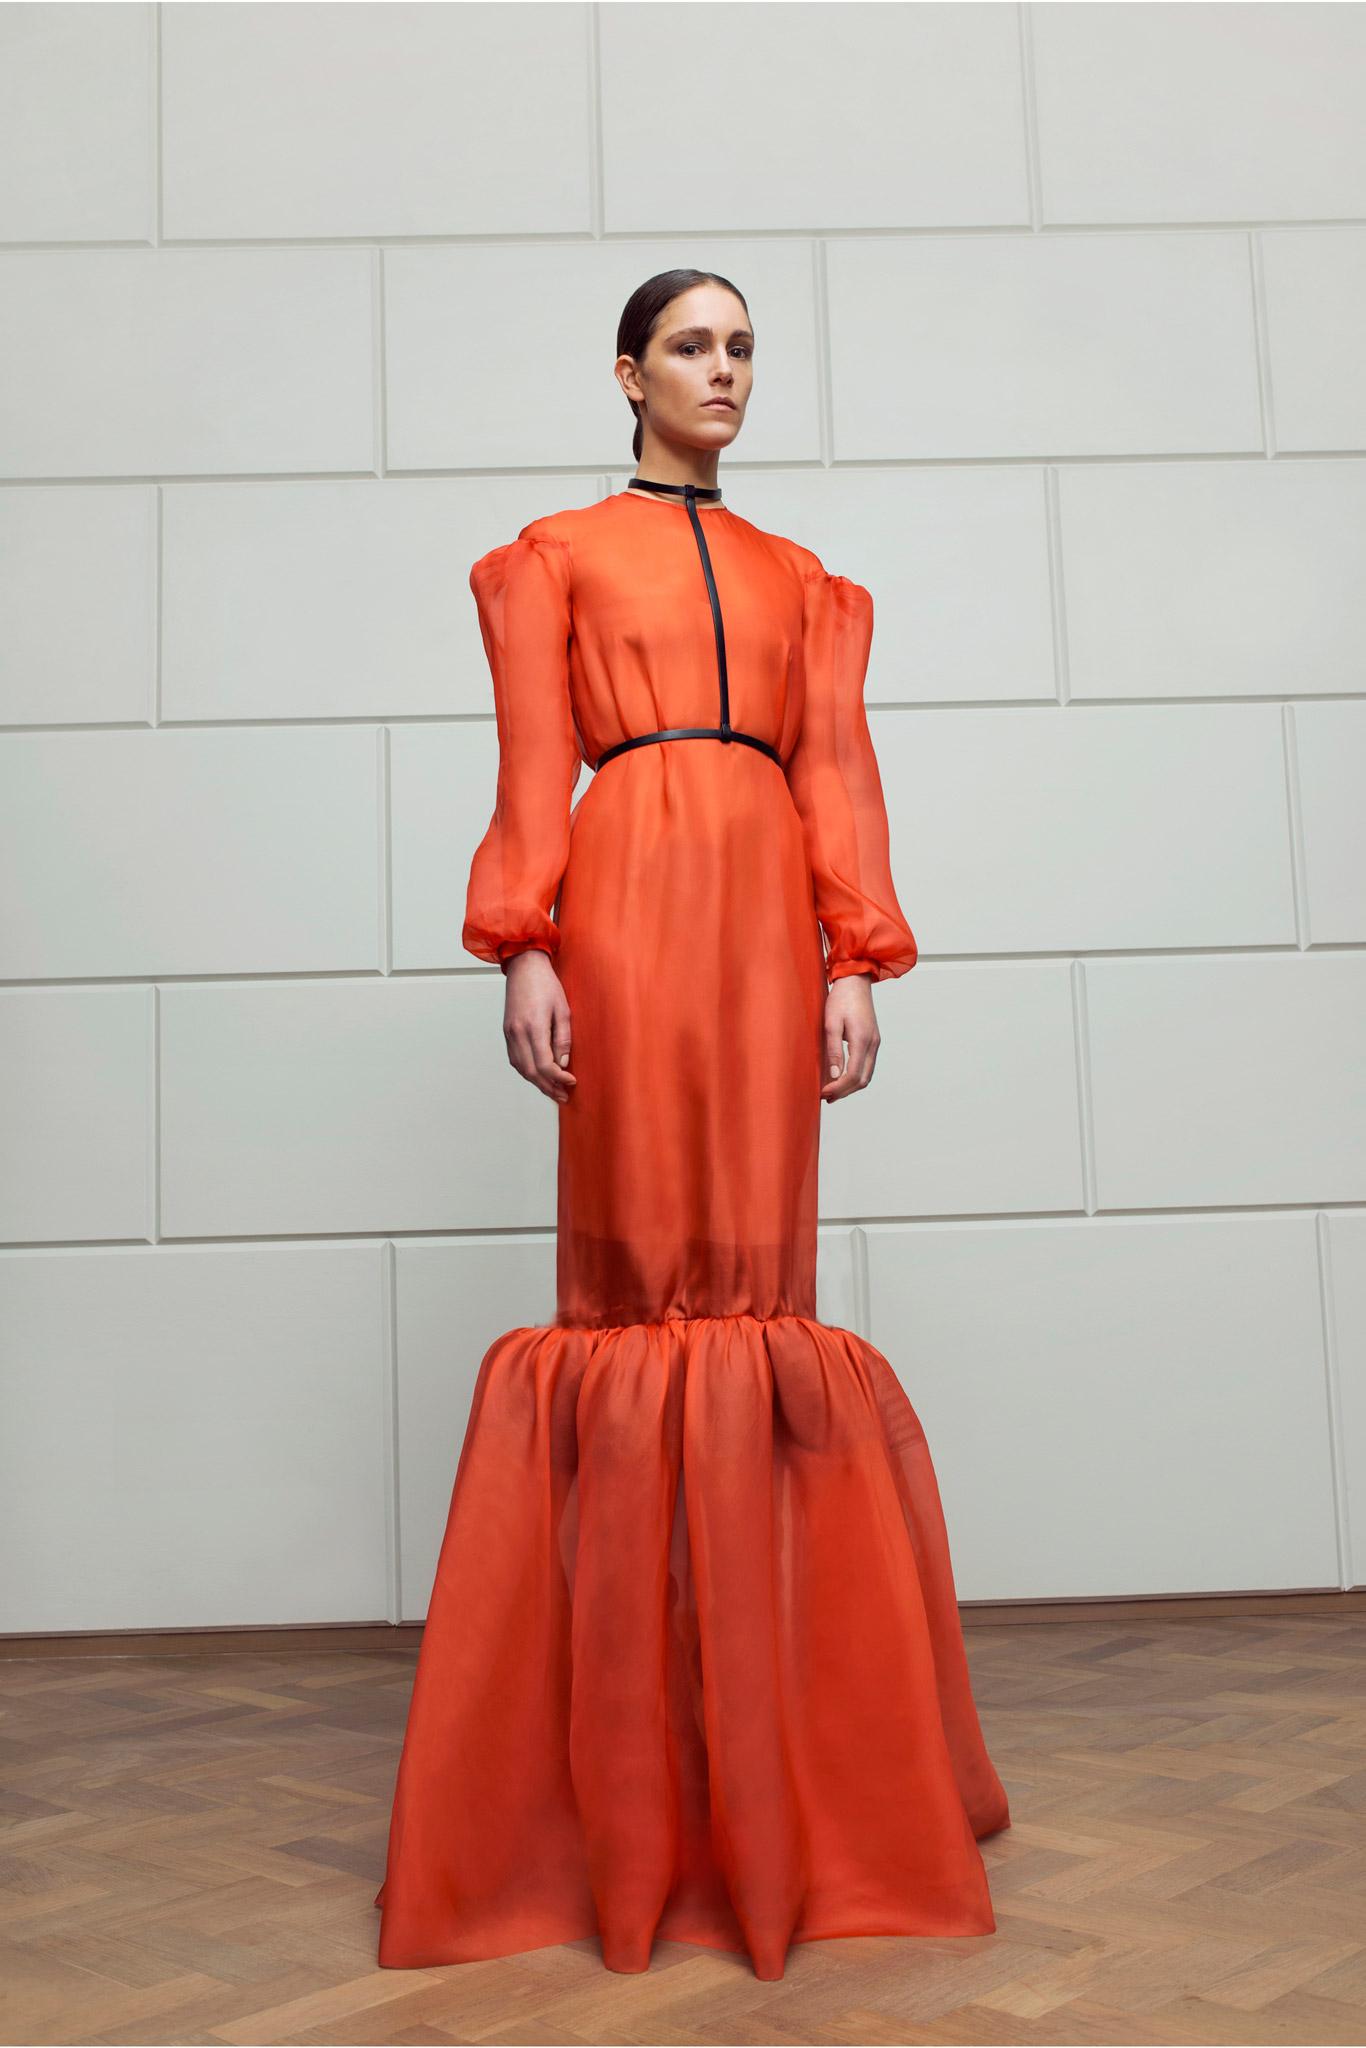 Marios Schwab | London Fashion Week Fall 2015 RTW